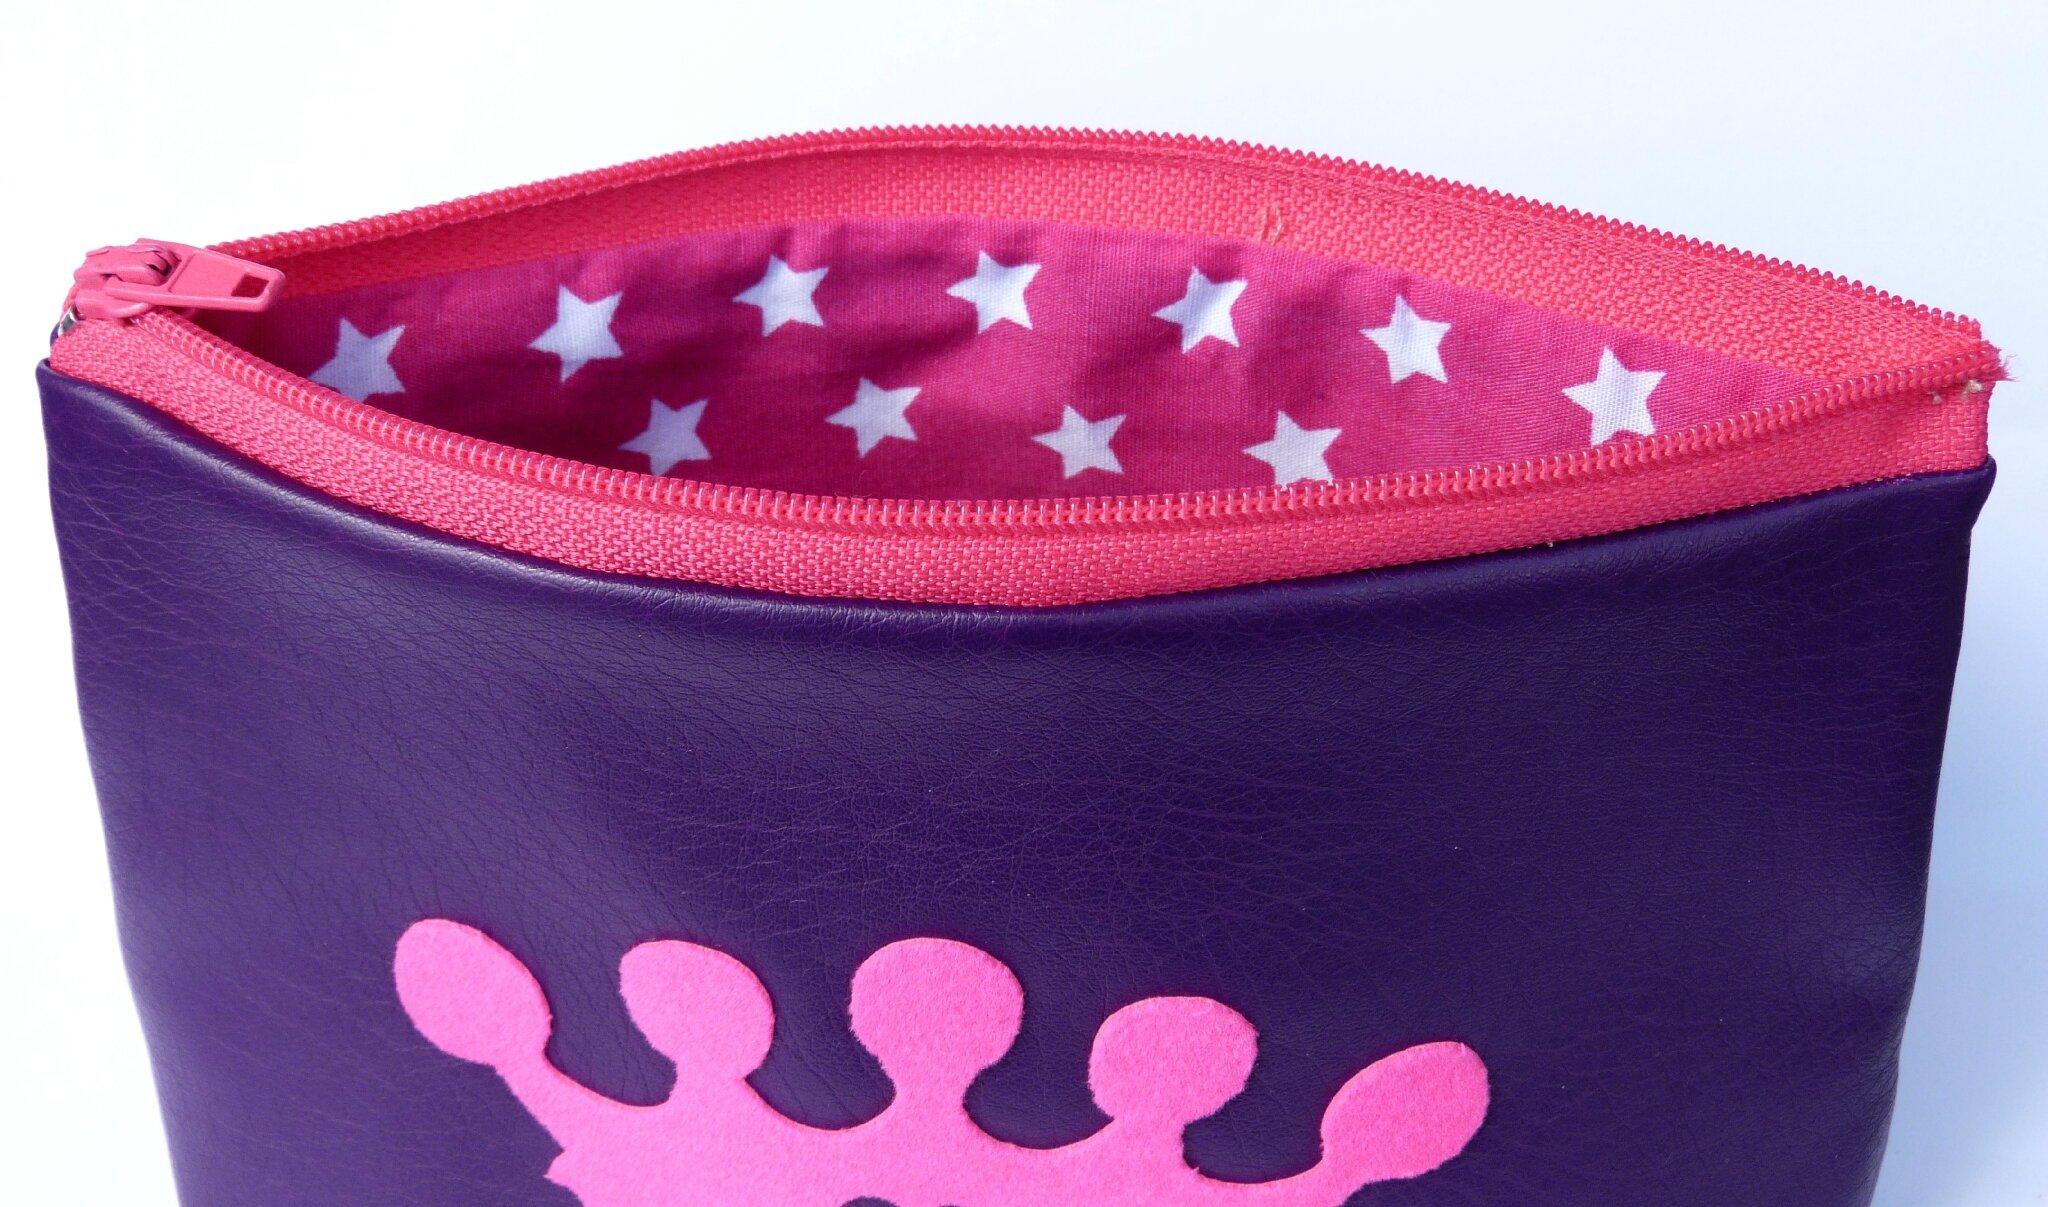 40. simili cuir violet et fuchsia - couronne flex velours rose - intérieur